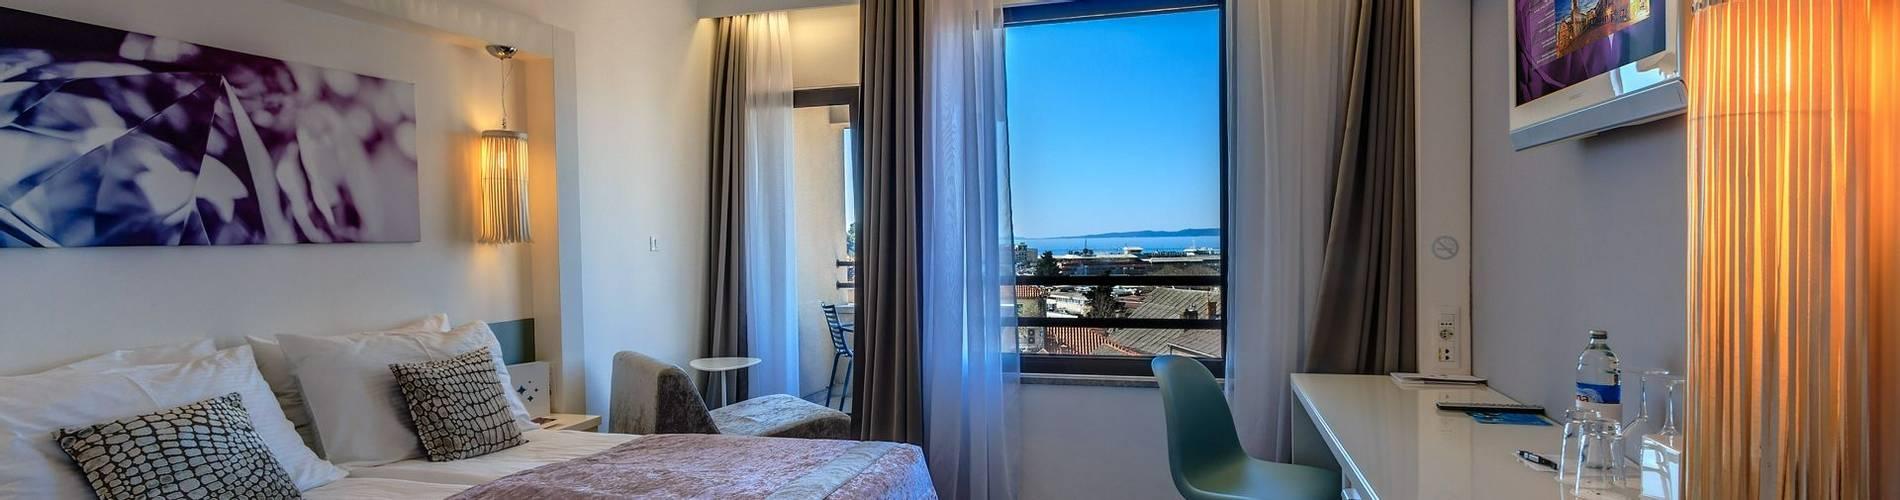 Comfort room 4.jpg